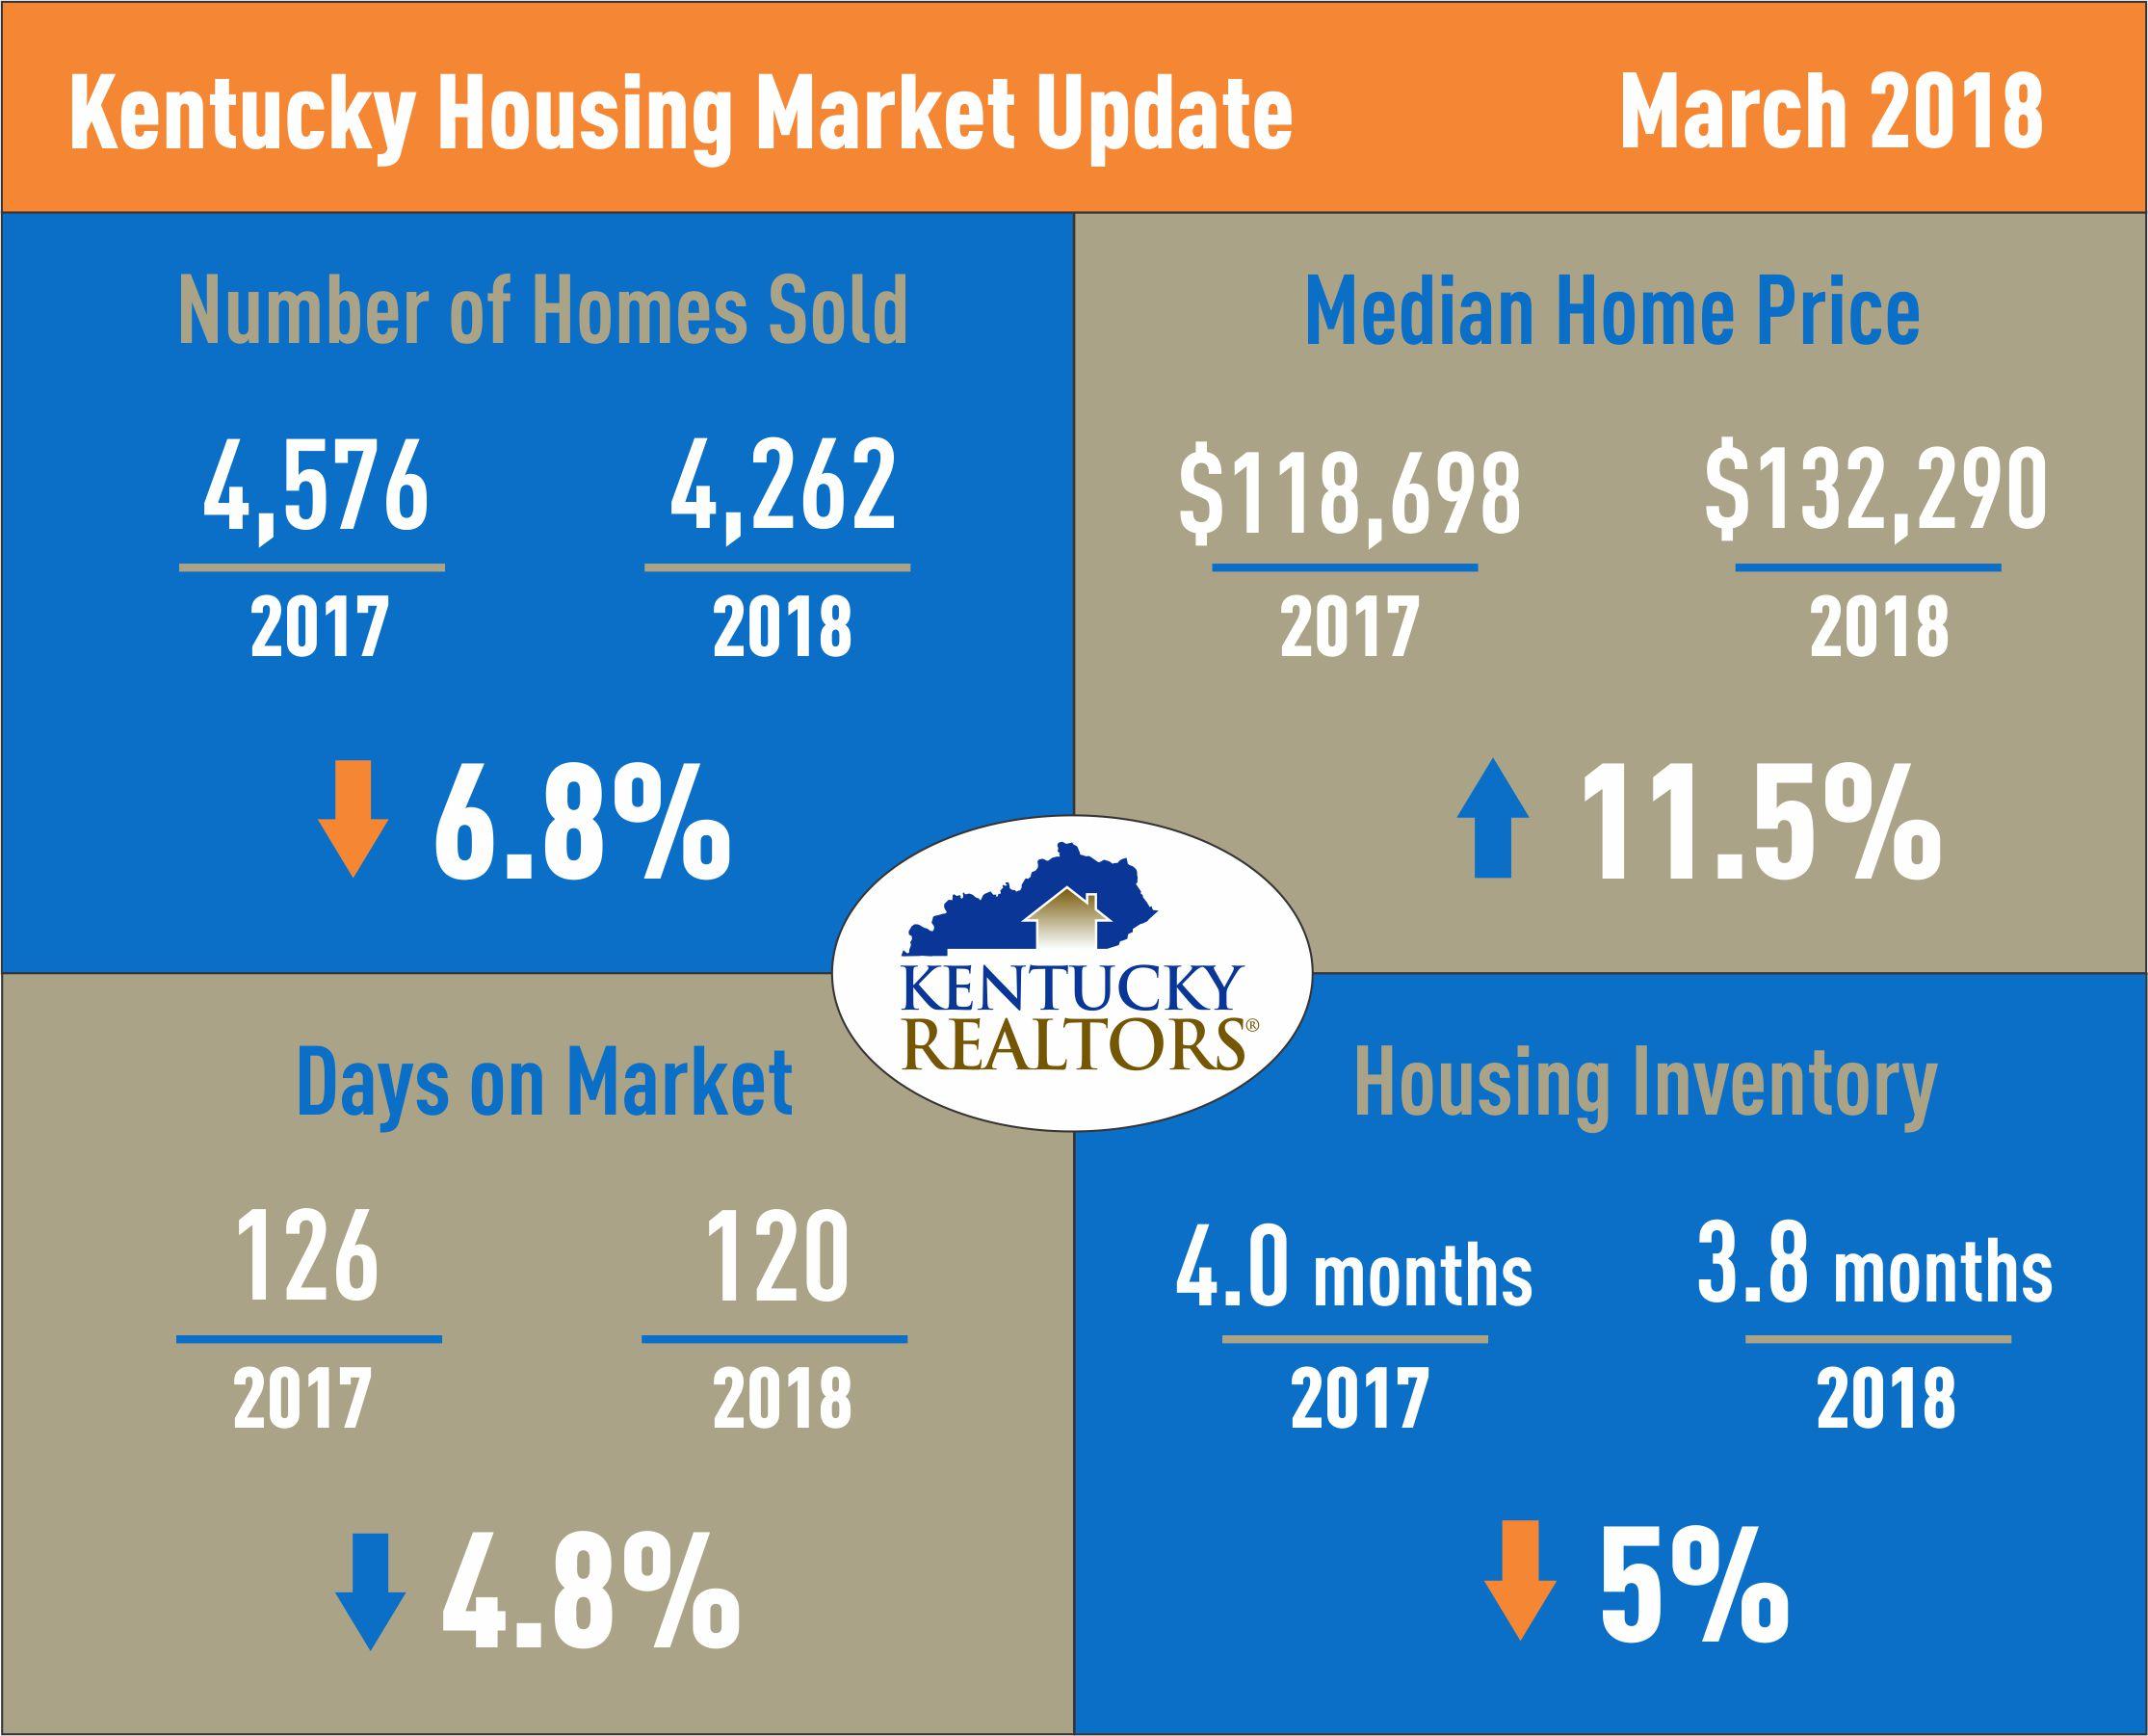 Kentucky Housing Market Update March 2018